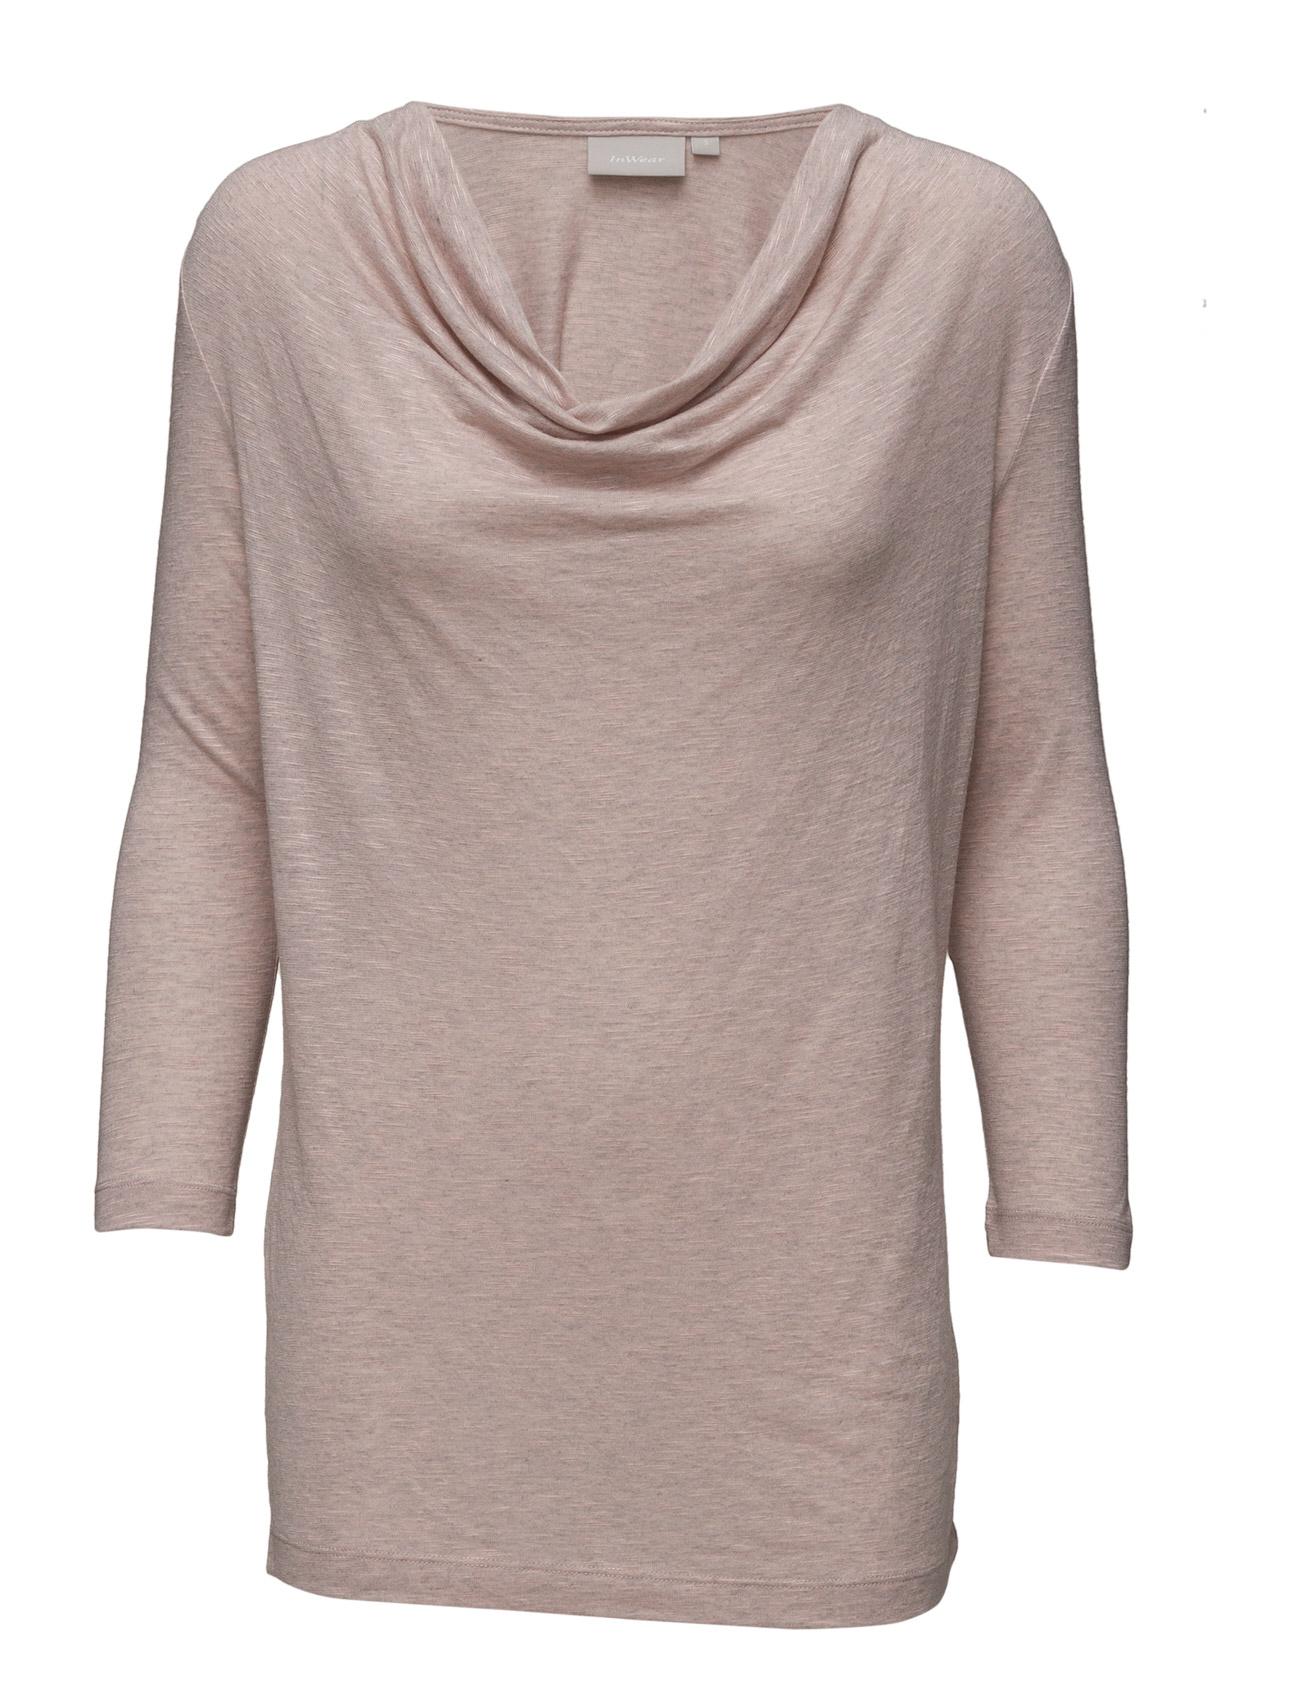 b5aa2803 Shop Raza Top Kntg InWear Langærmede i Rose Røg til Damer på nettet